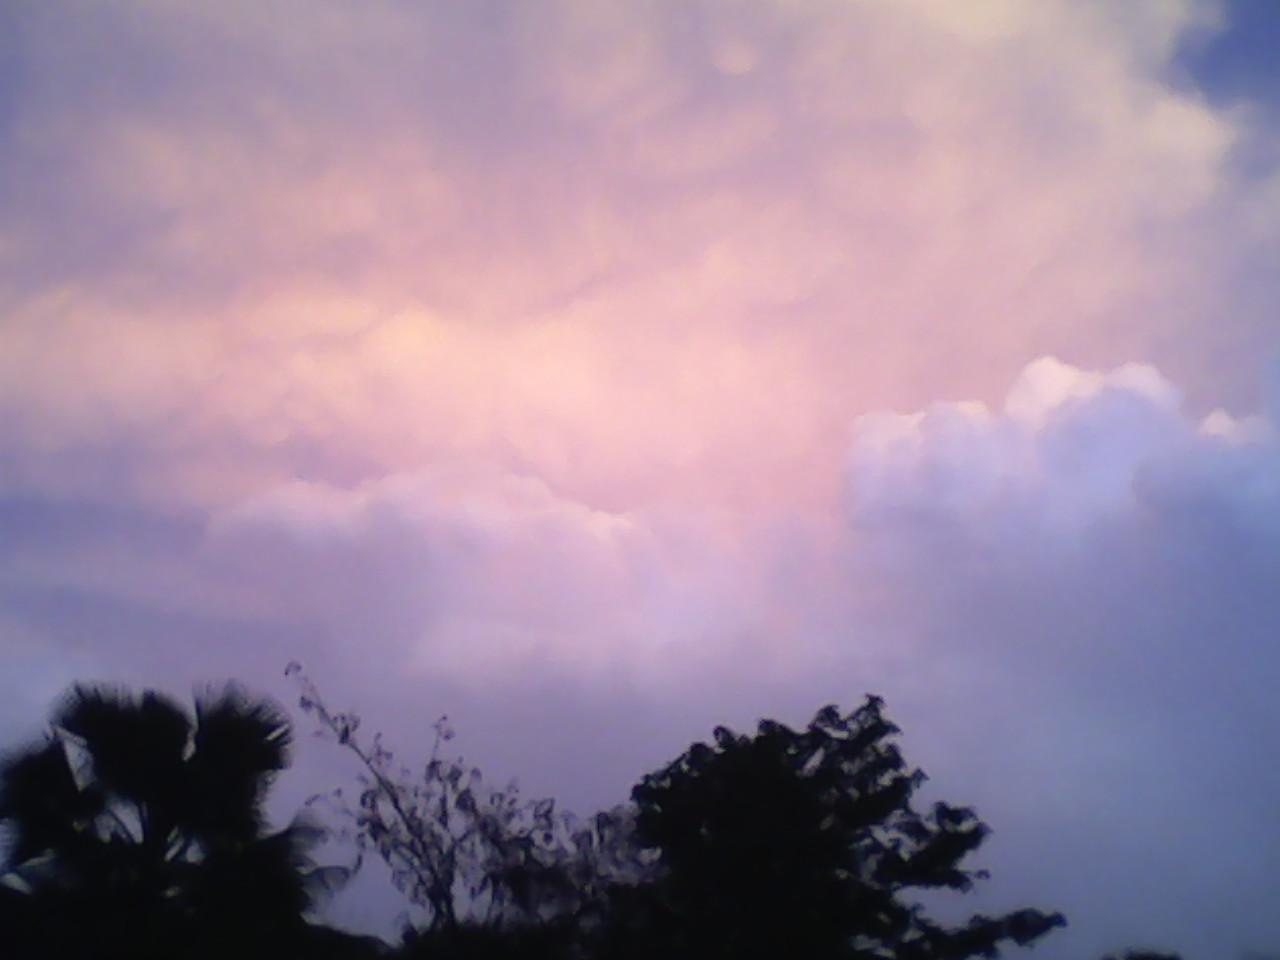 Bangladesh Images Sky Horizontal HD Wallpaper And